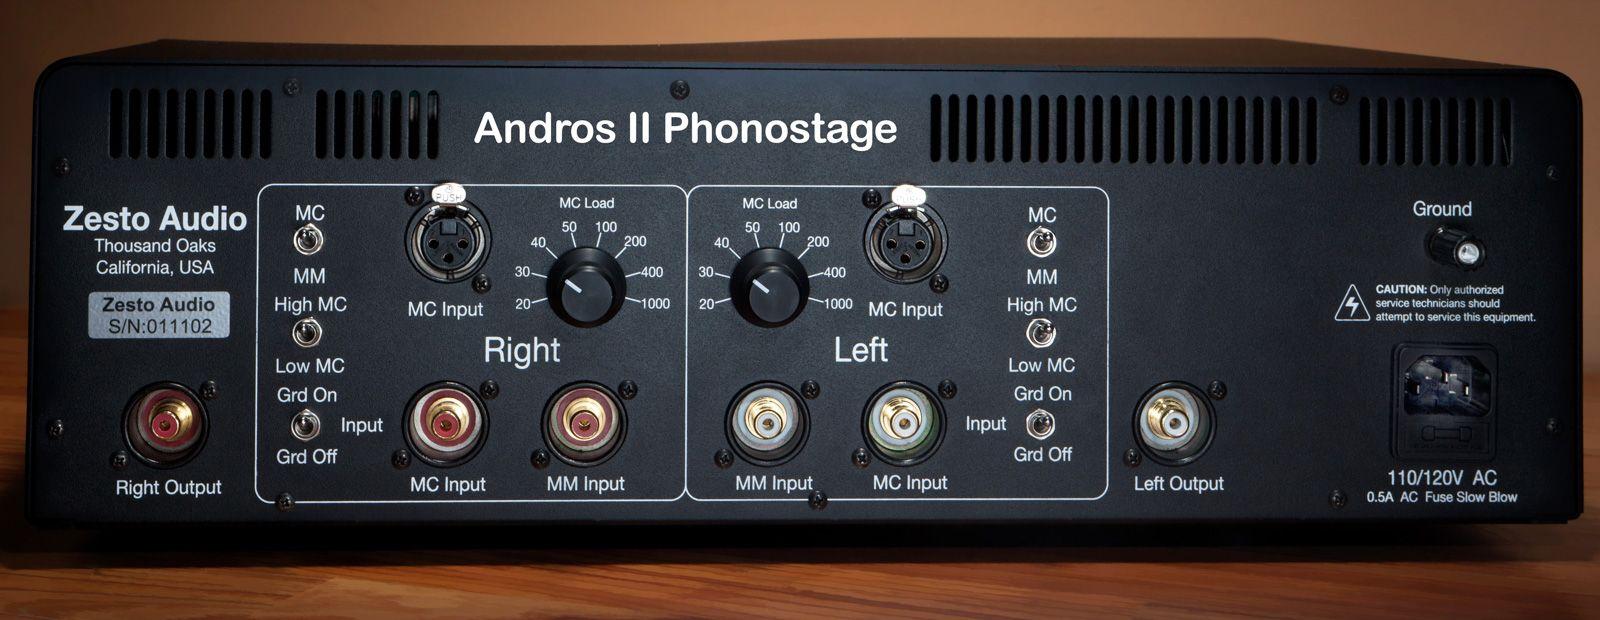 Zesto Andros II Vaccuum Tube Phono Stage - MM/MC